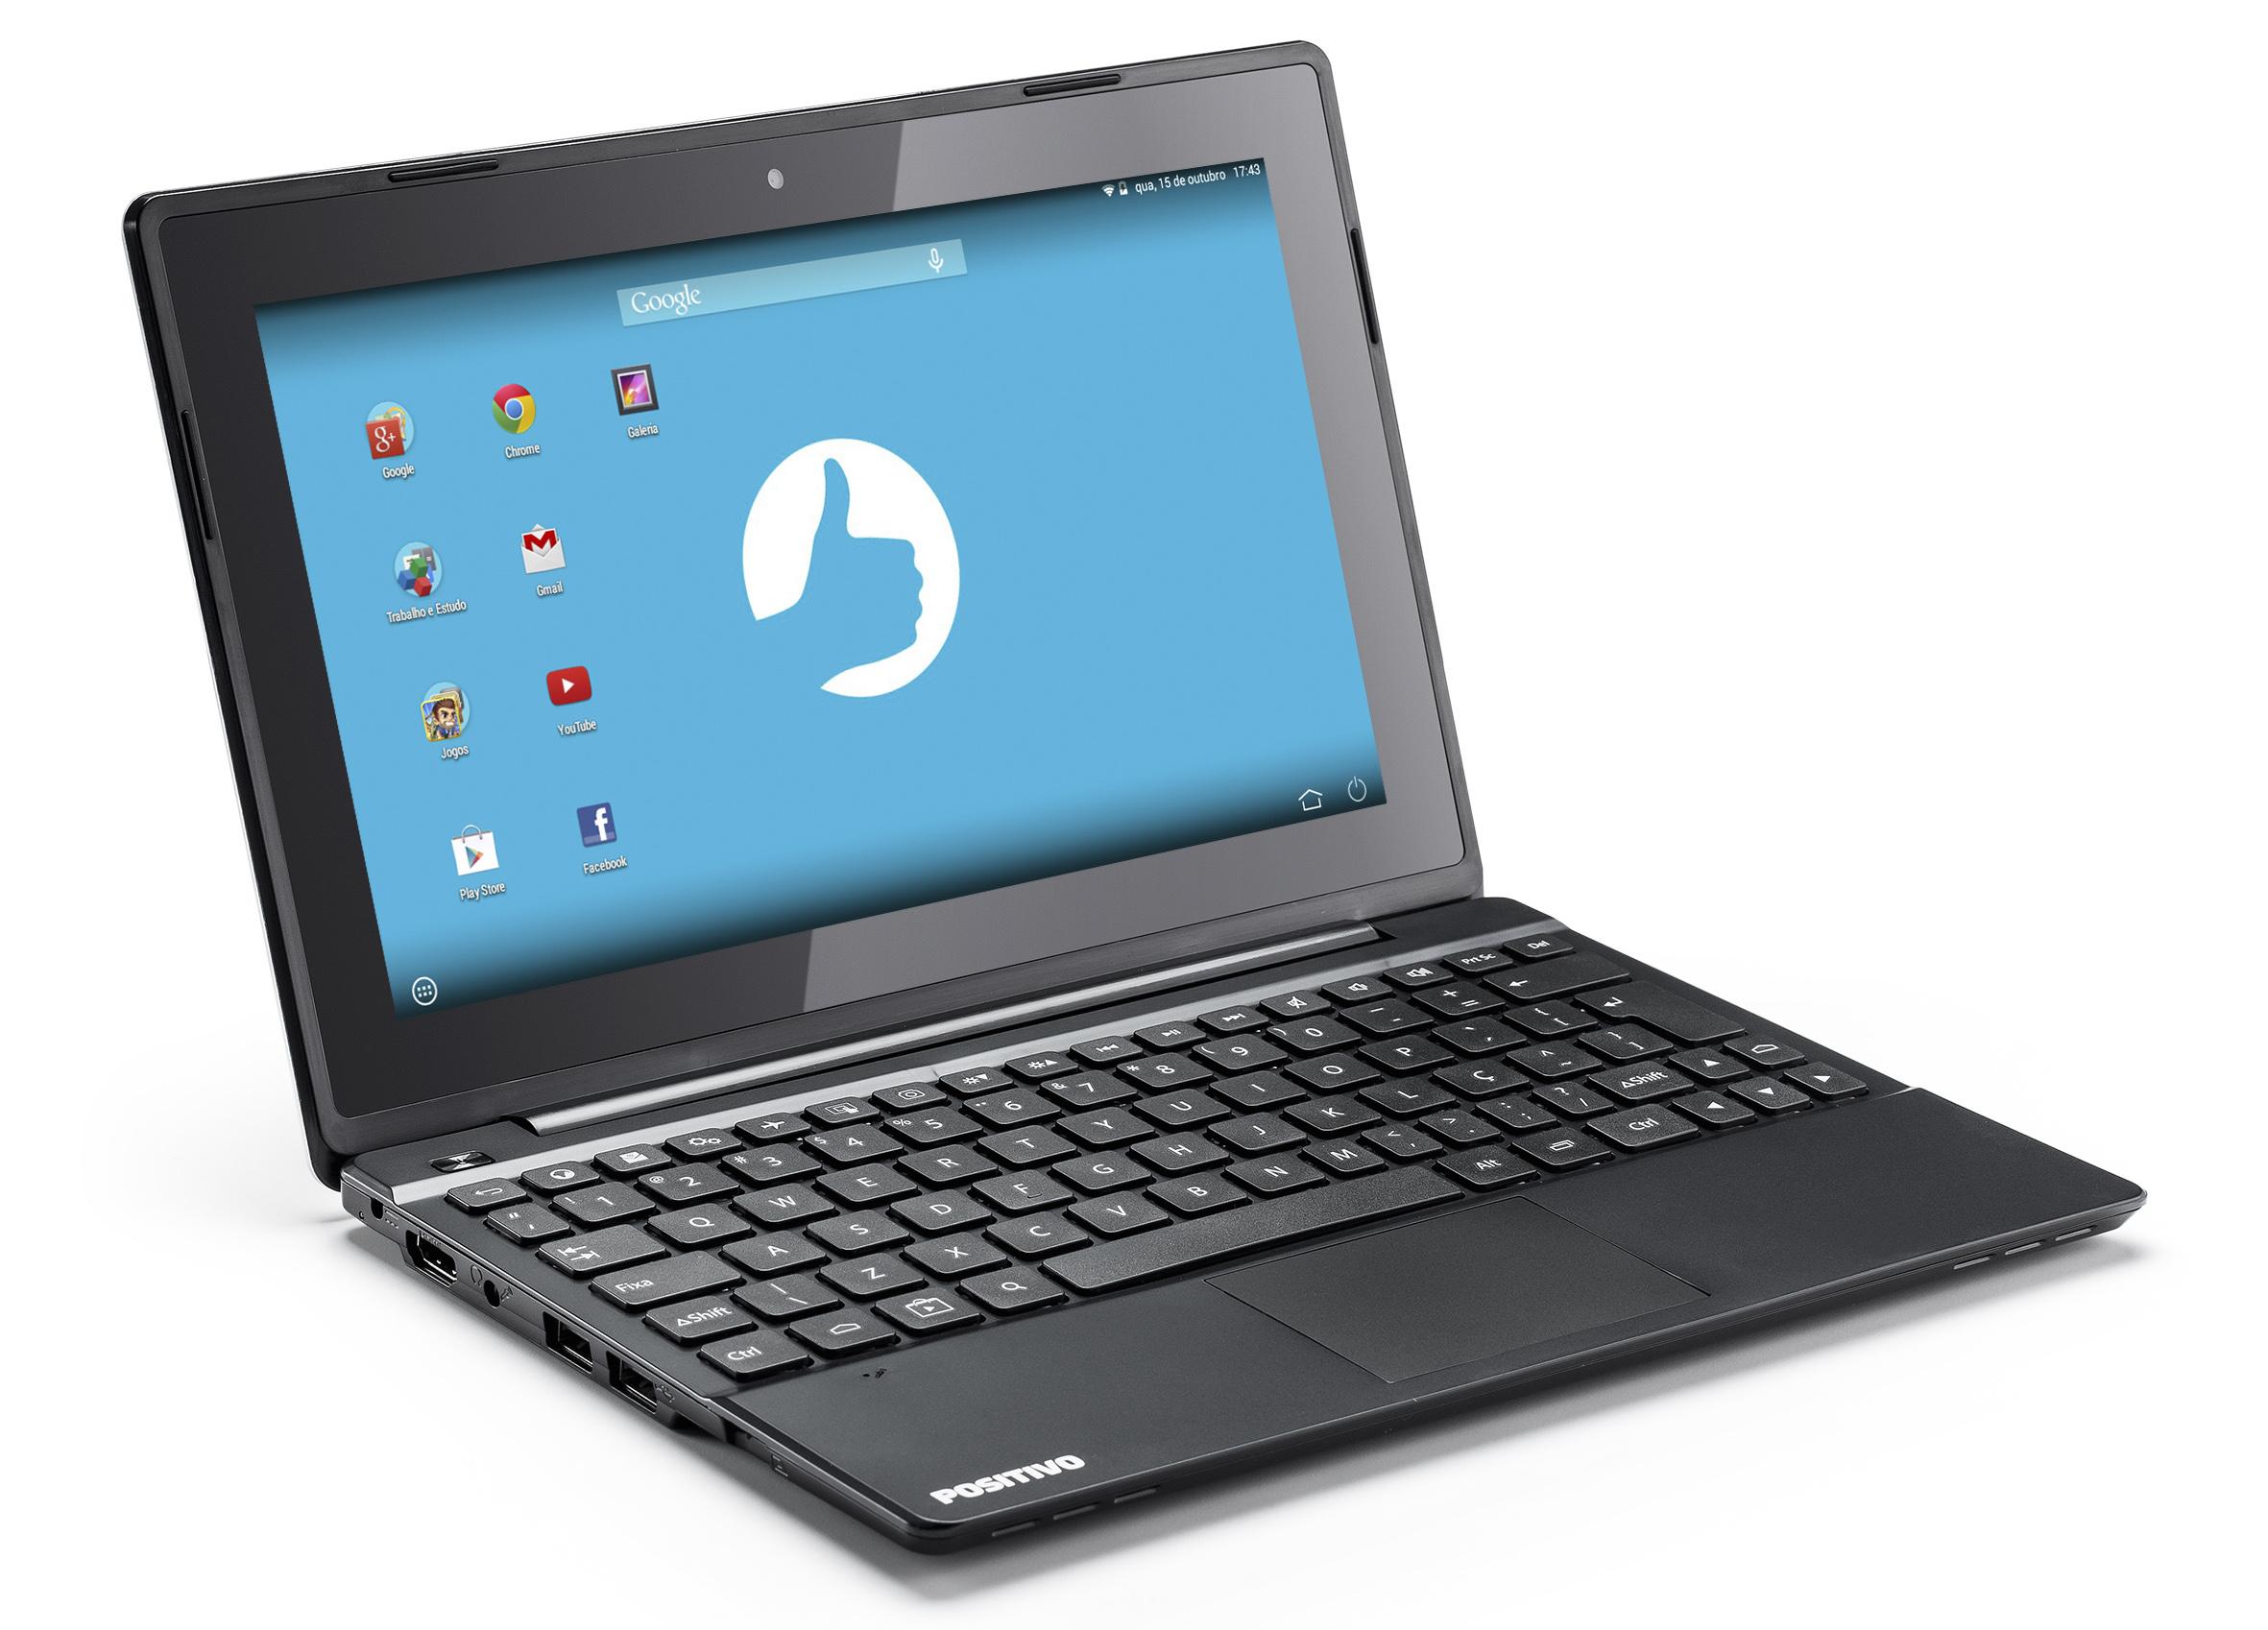 Positivo Informática lança o mais novo notebook com sistema Android